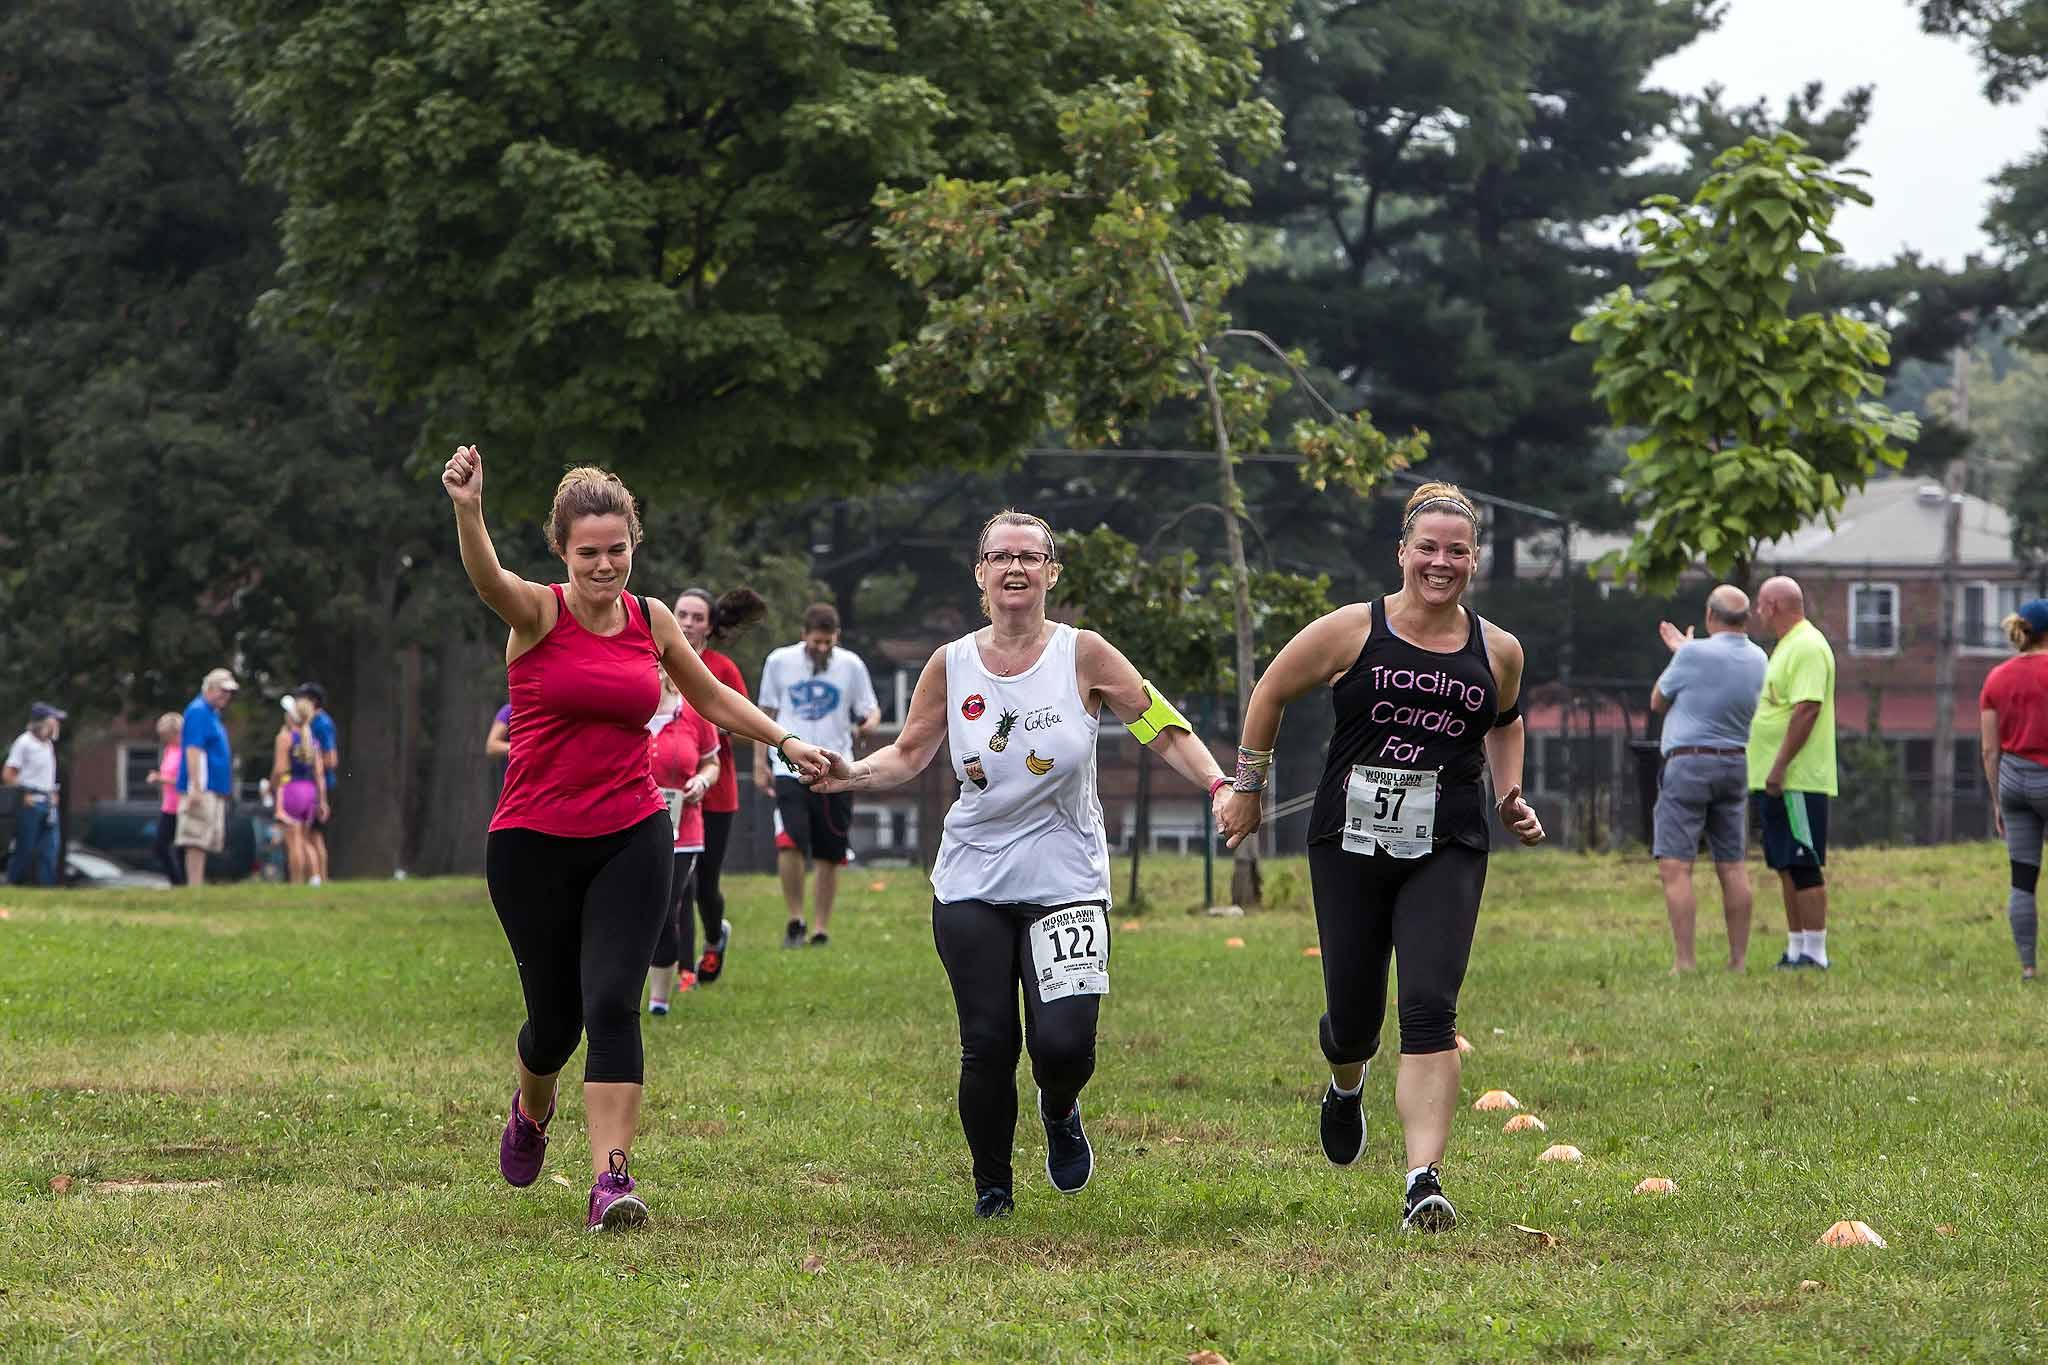 163-Woodlawn Run for a Cause-432.jpg